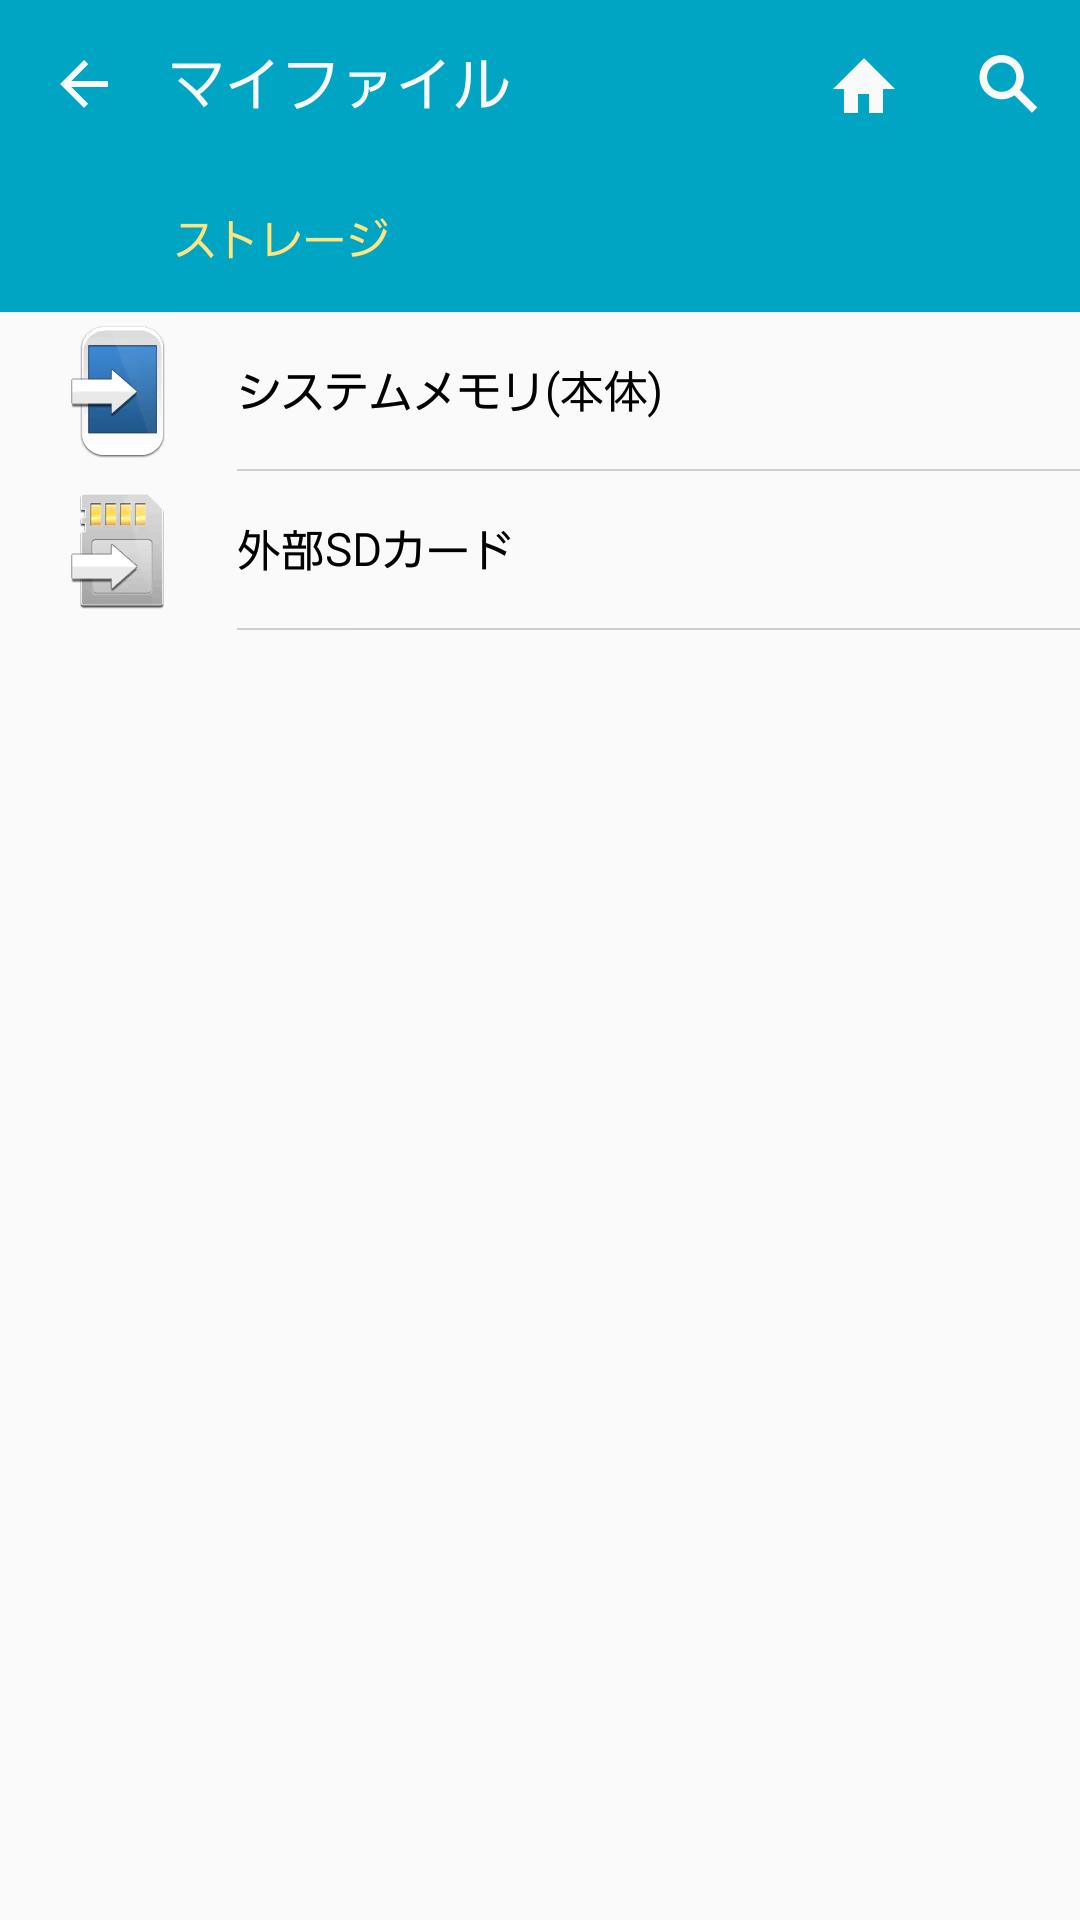 マイファイル2